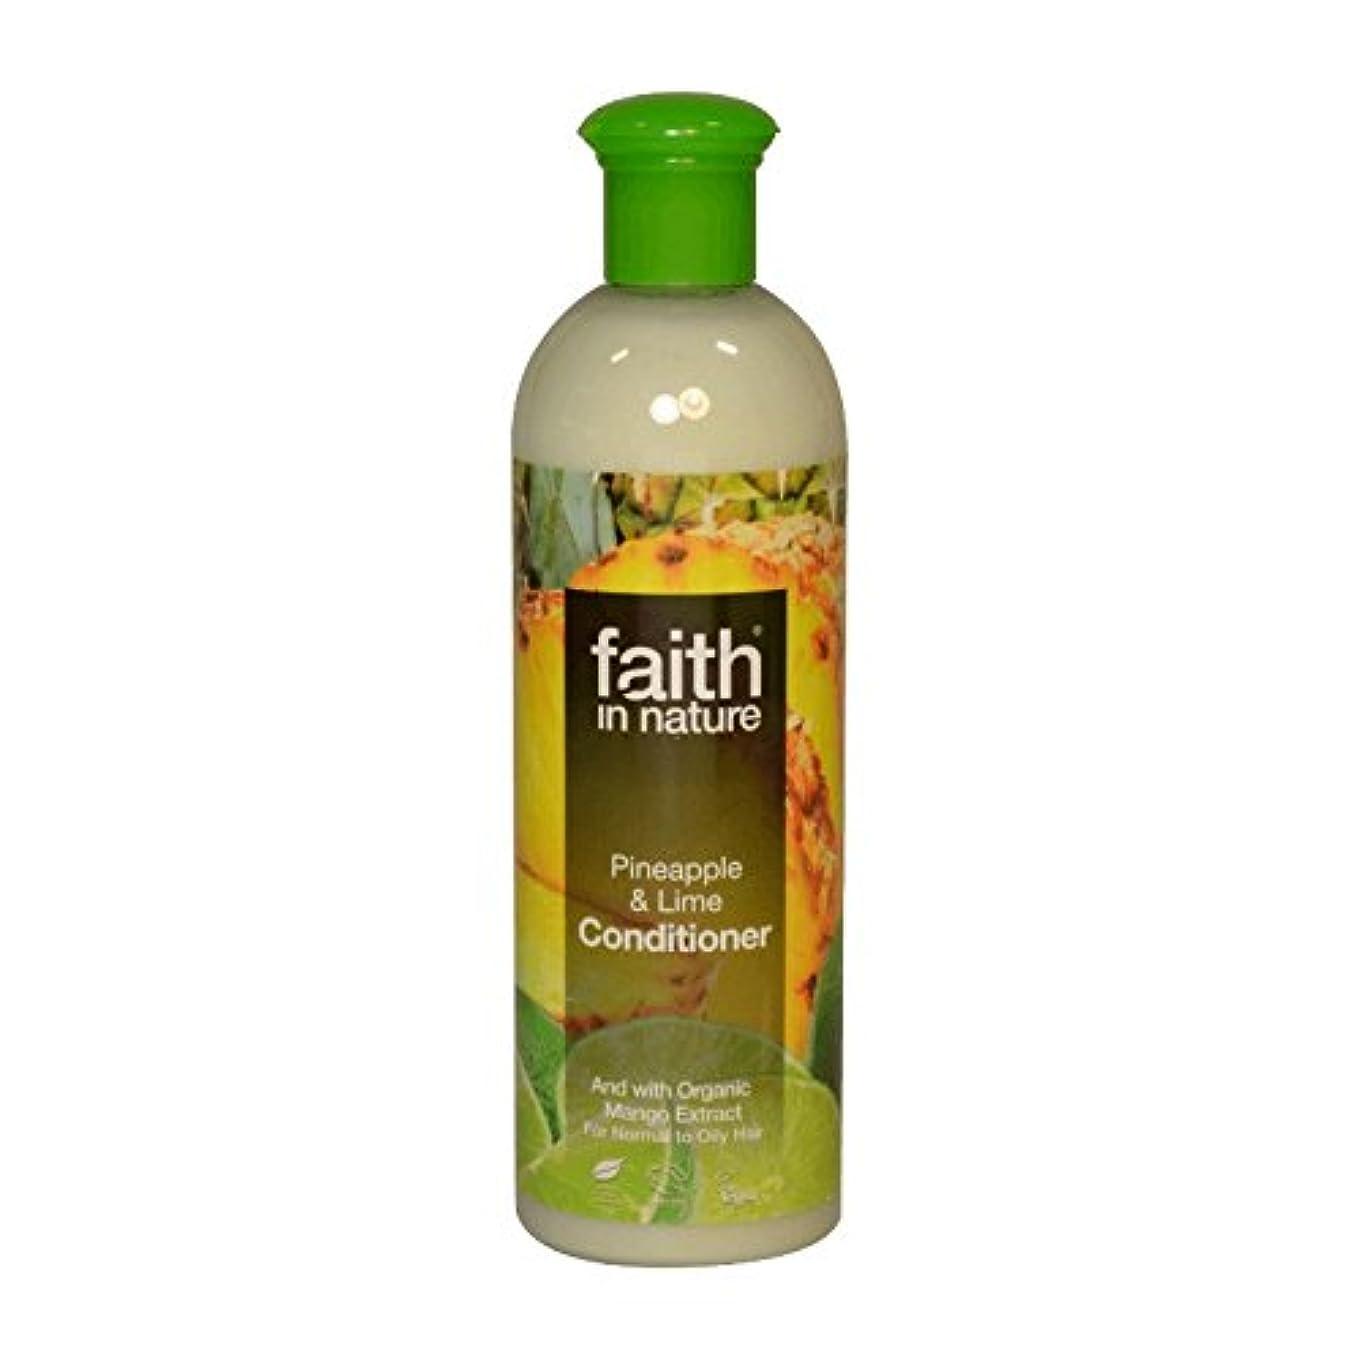 スタックモンゴメリーショッキングFaith in Nature Pineapple & Lime Conditioner 400ml (Pack of 6) - 自然パイナップル&ライムコンディショナー400ミリリットルの信仰 (x6) [並行輸入品]